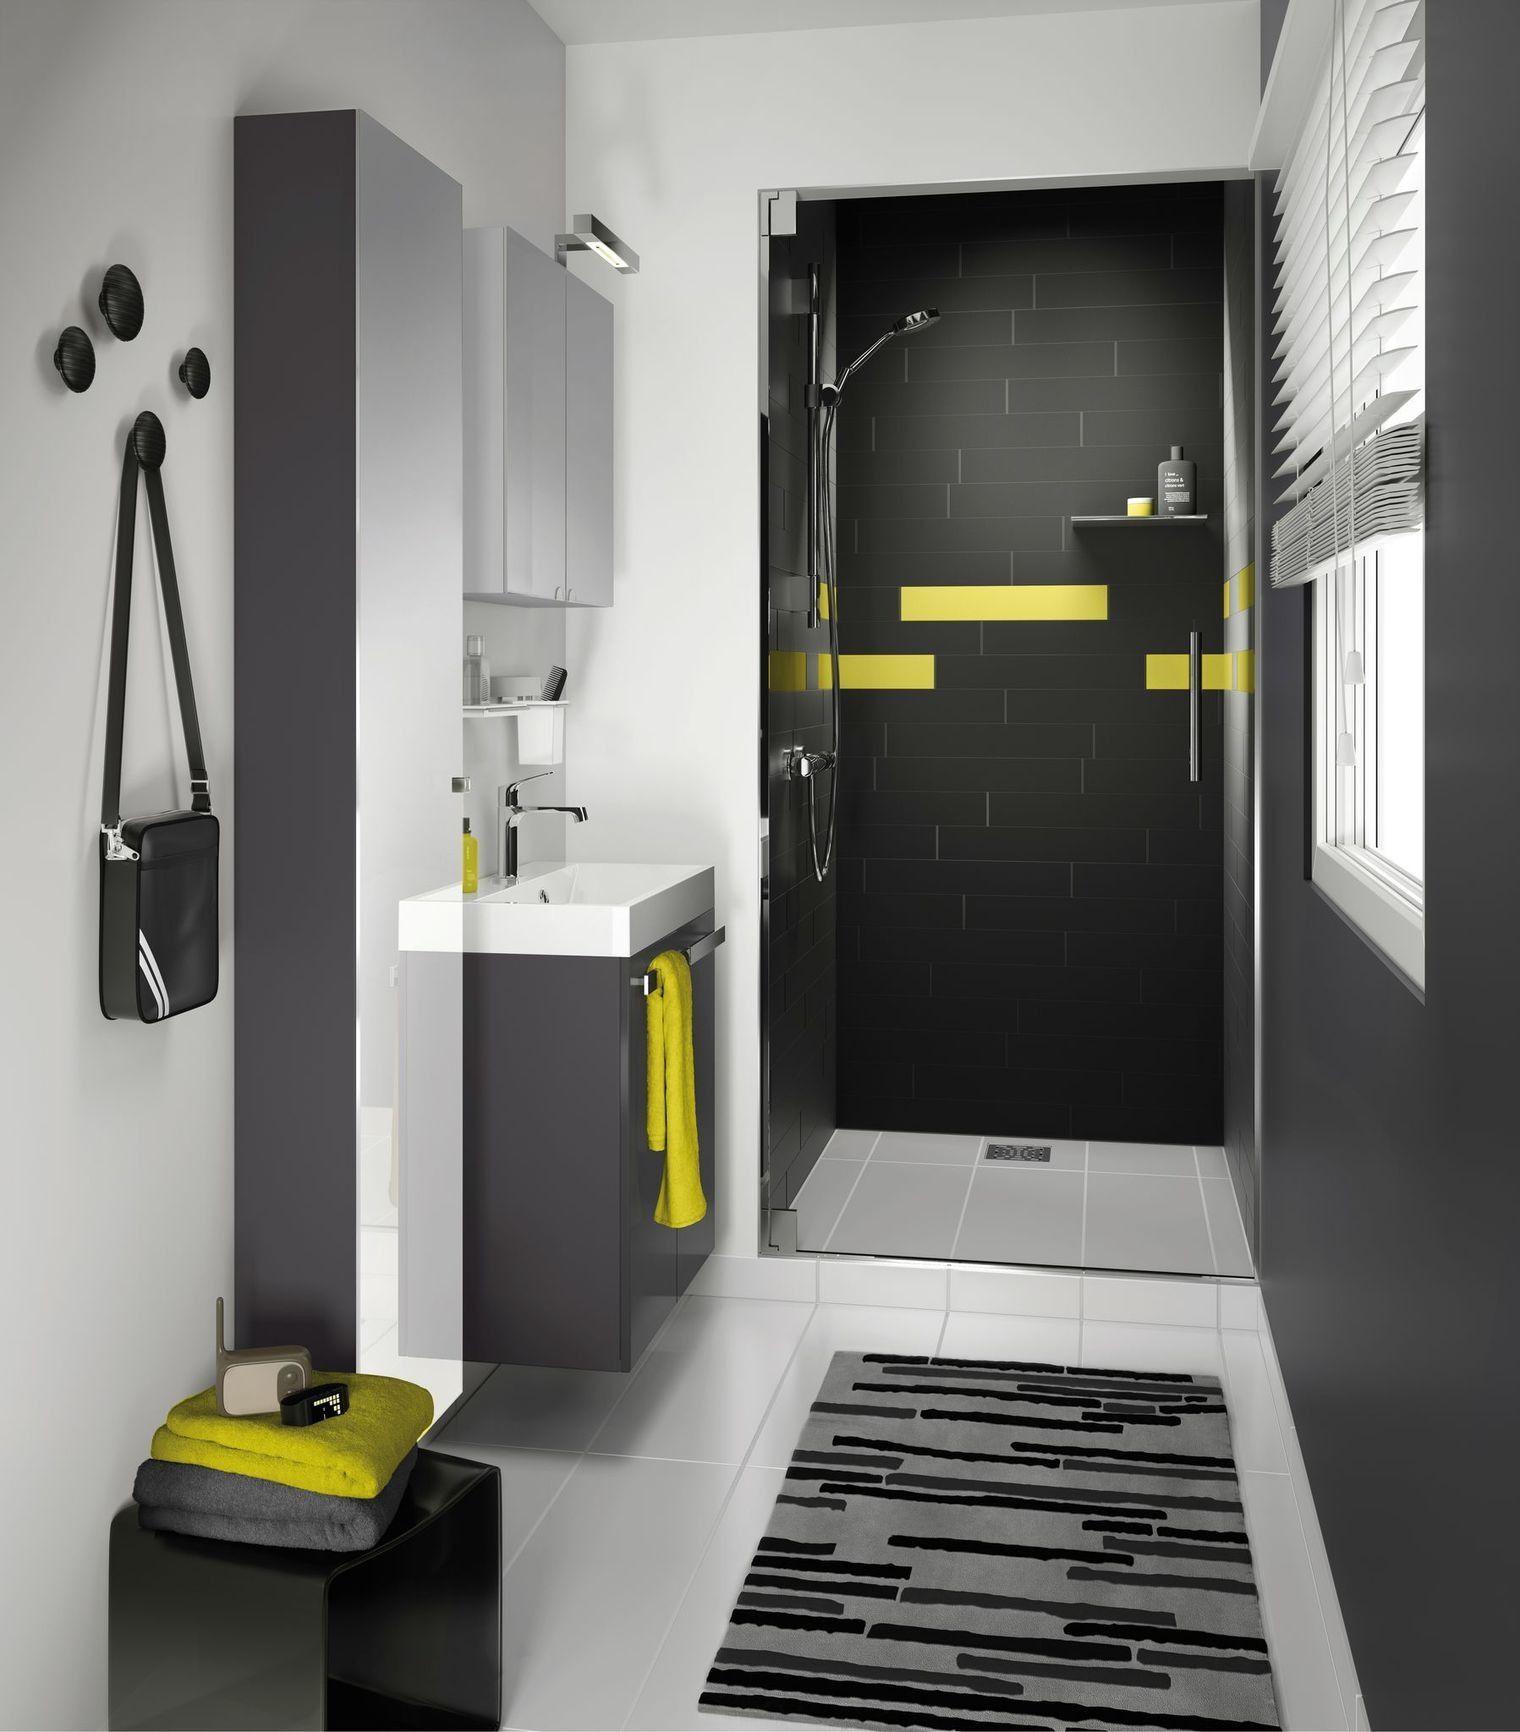 Salle De Bain 2M2 Design Maison Petite D Eau 2m2 Avec ...